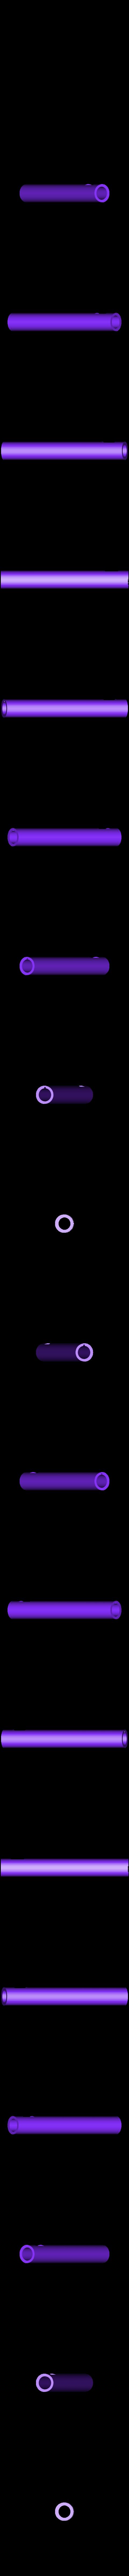 hammer_handle.STL Télécharger fichier STL gratuit Marteau piqueur • Plan imprimable en 3D, Rusichar